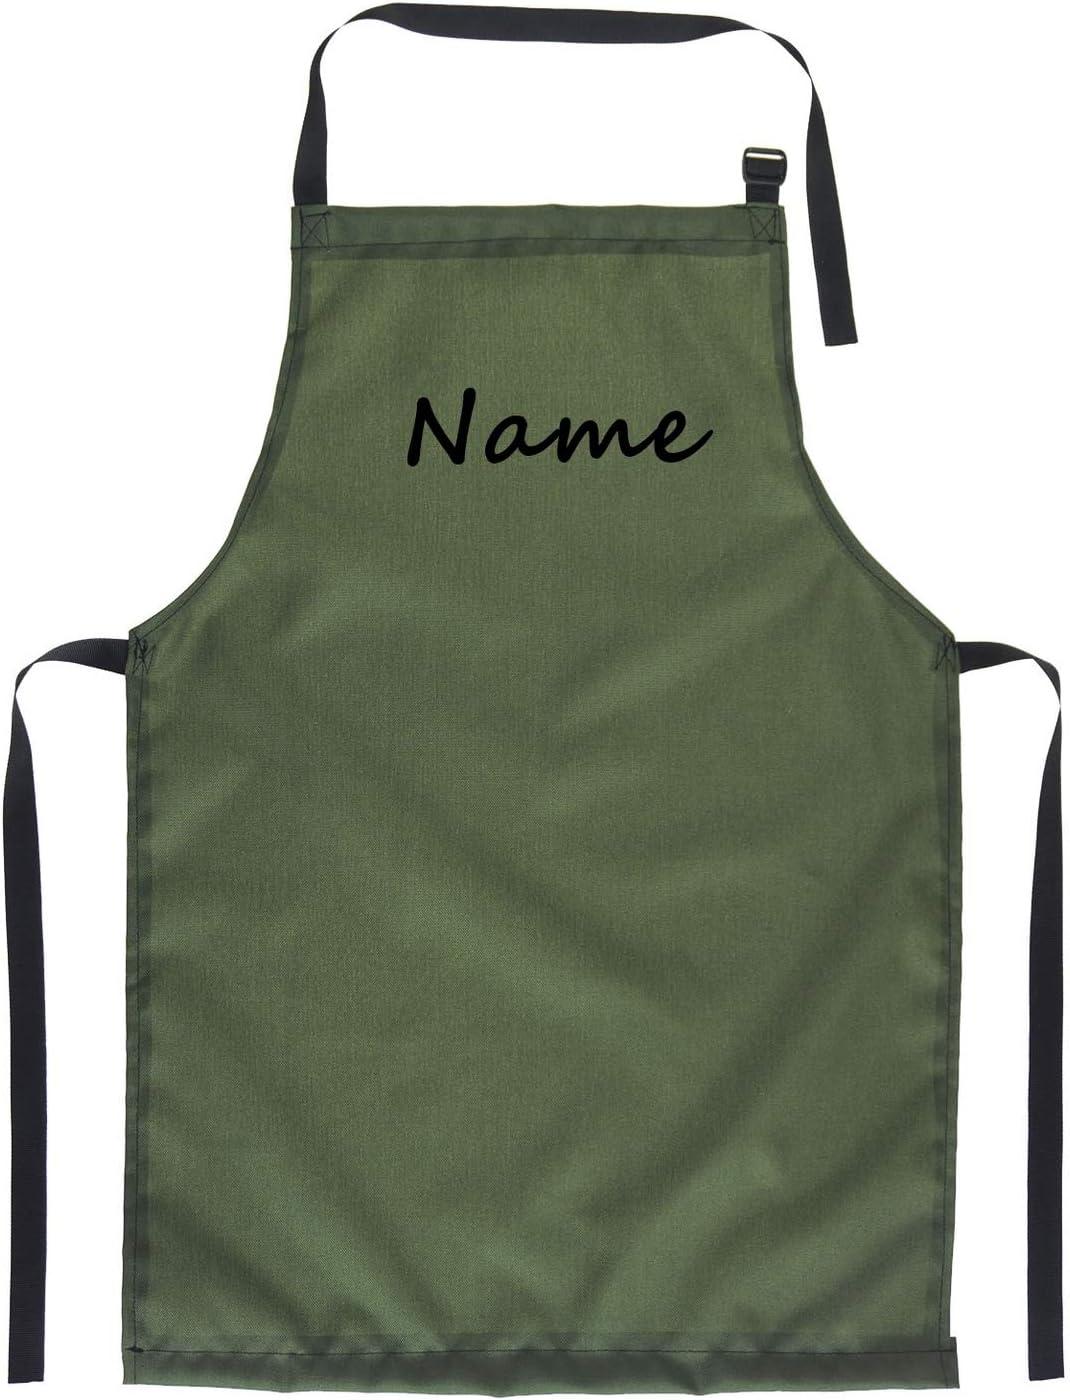 Divertido Delantal para barbacoas para Hombres y Mujeres Delantal de Cocina con diseño Cocinar Delantales de BBQ Verde con Nombre [106]